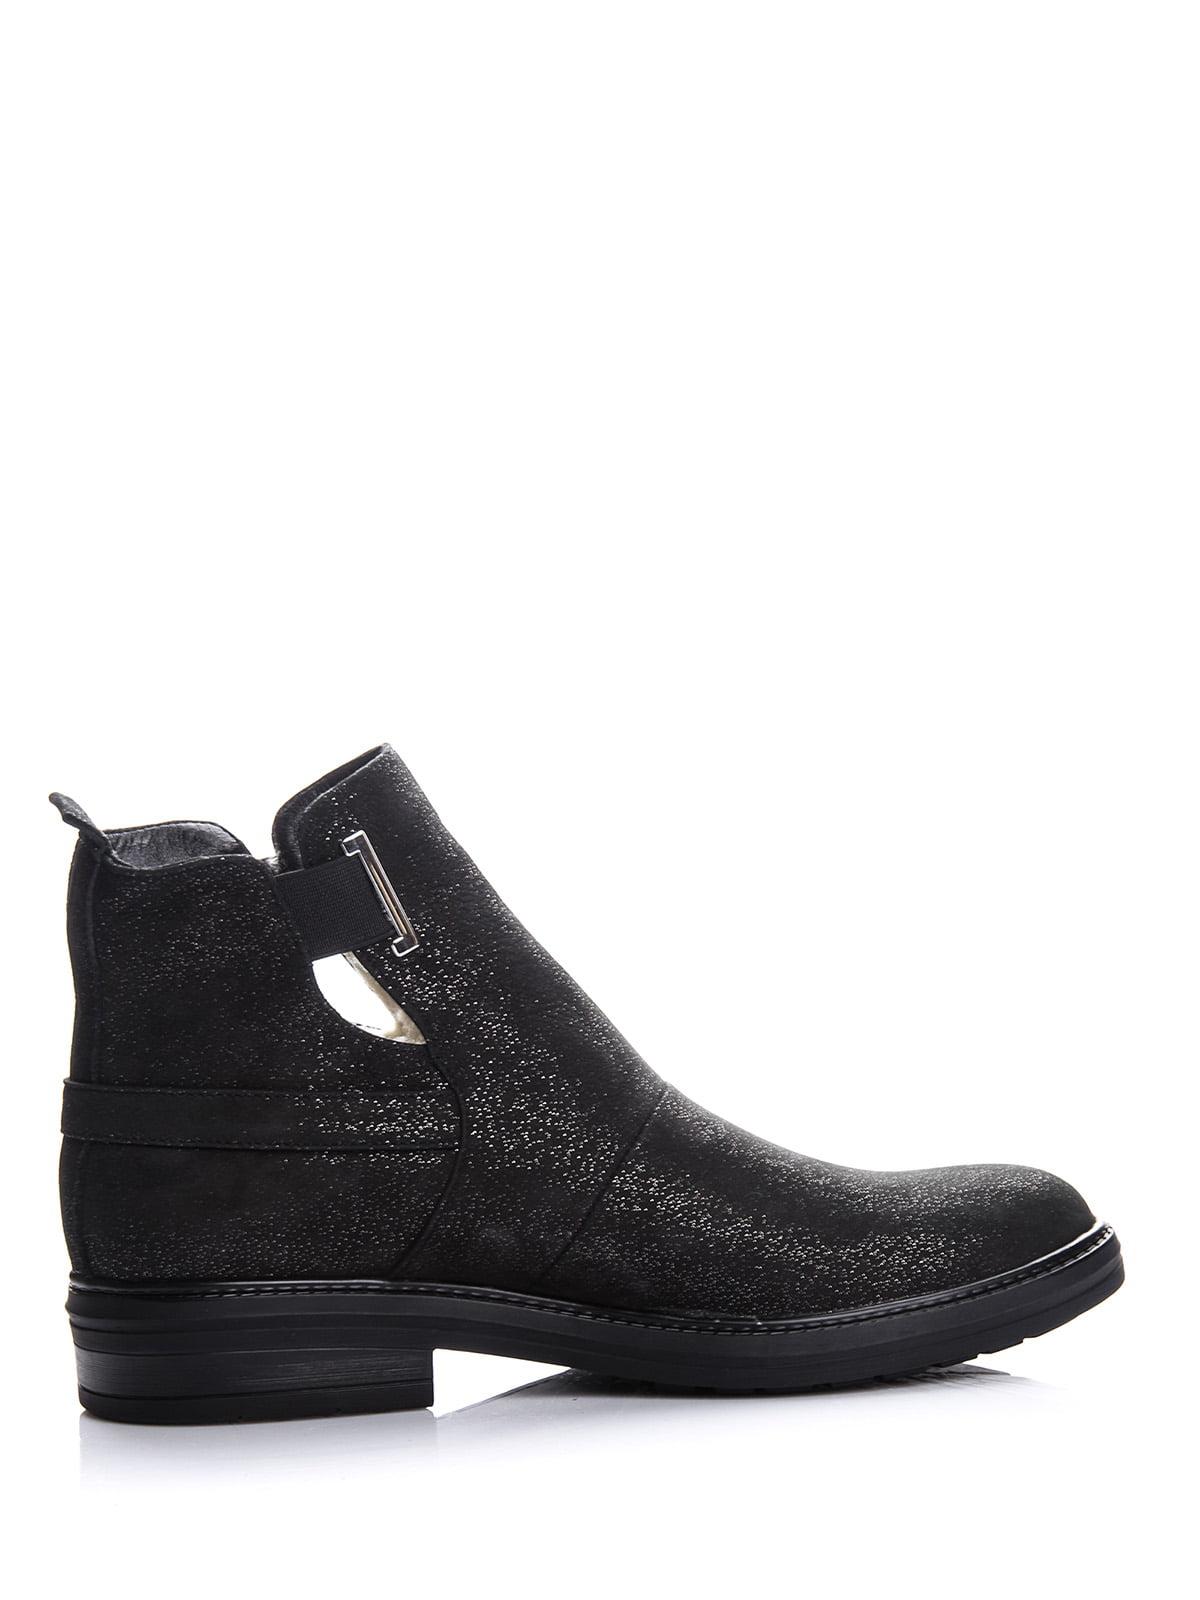 Ботинки черные с блеском | 4643286 | фото 4